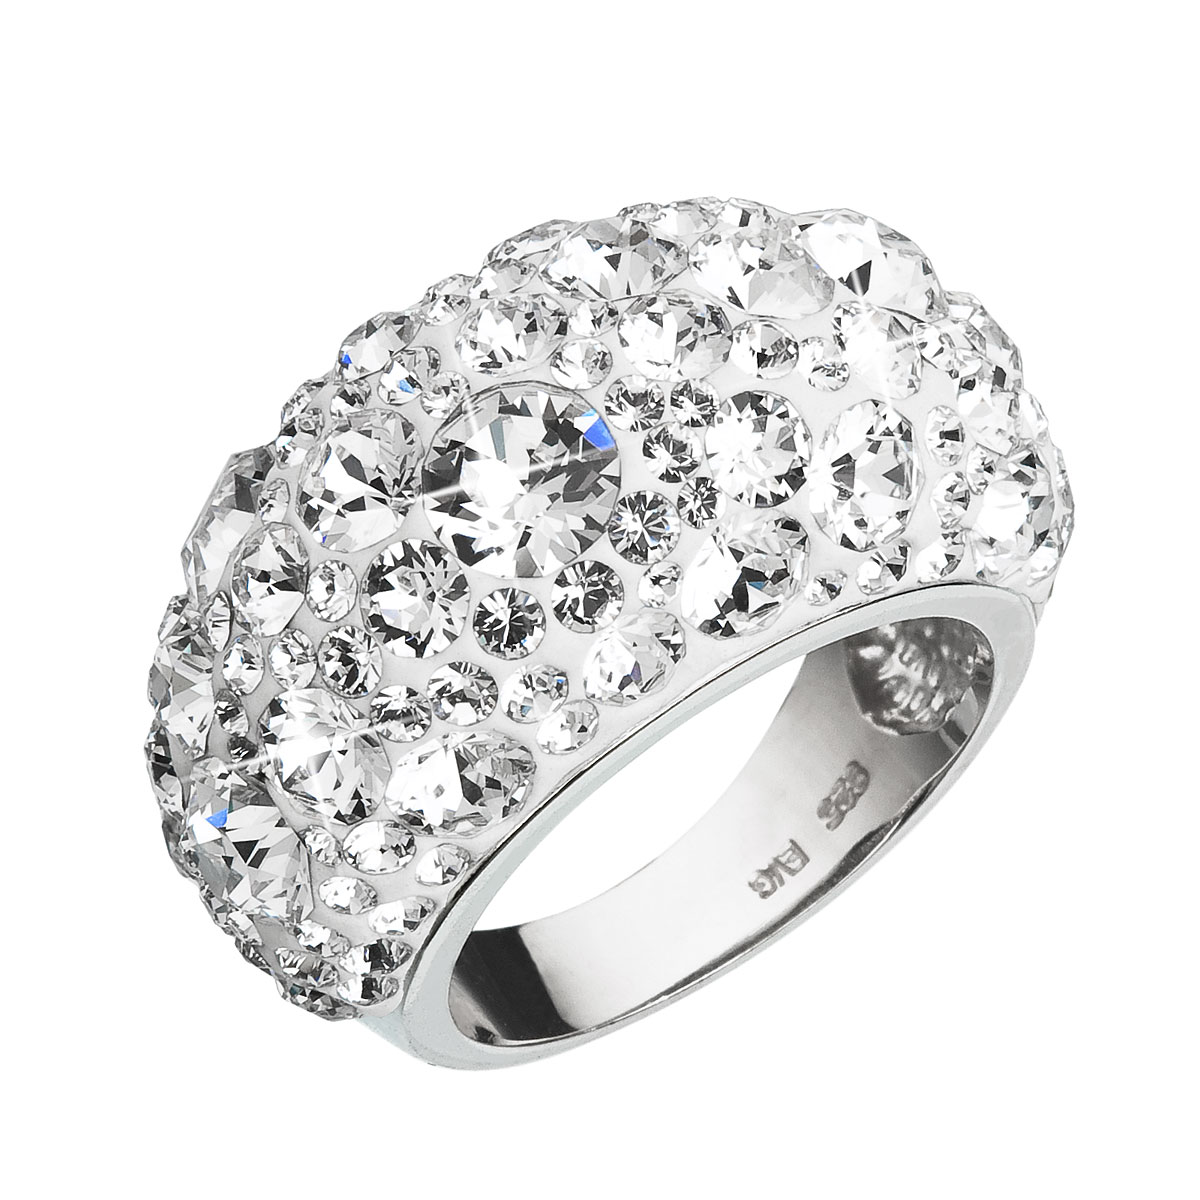 Strieborný prsteň s krištáľmi Swarovski biely 35028.1